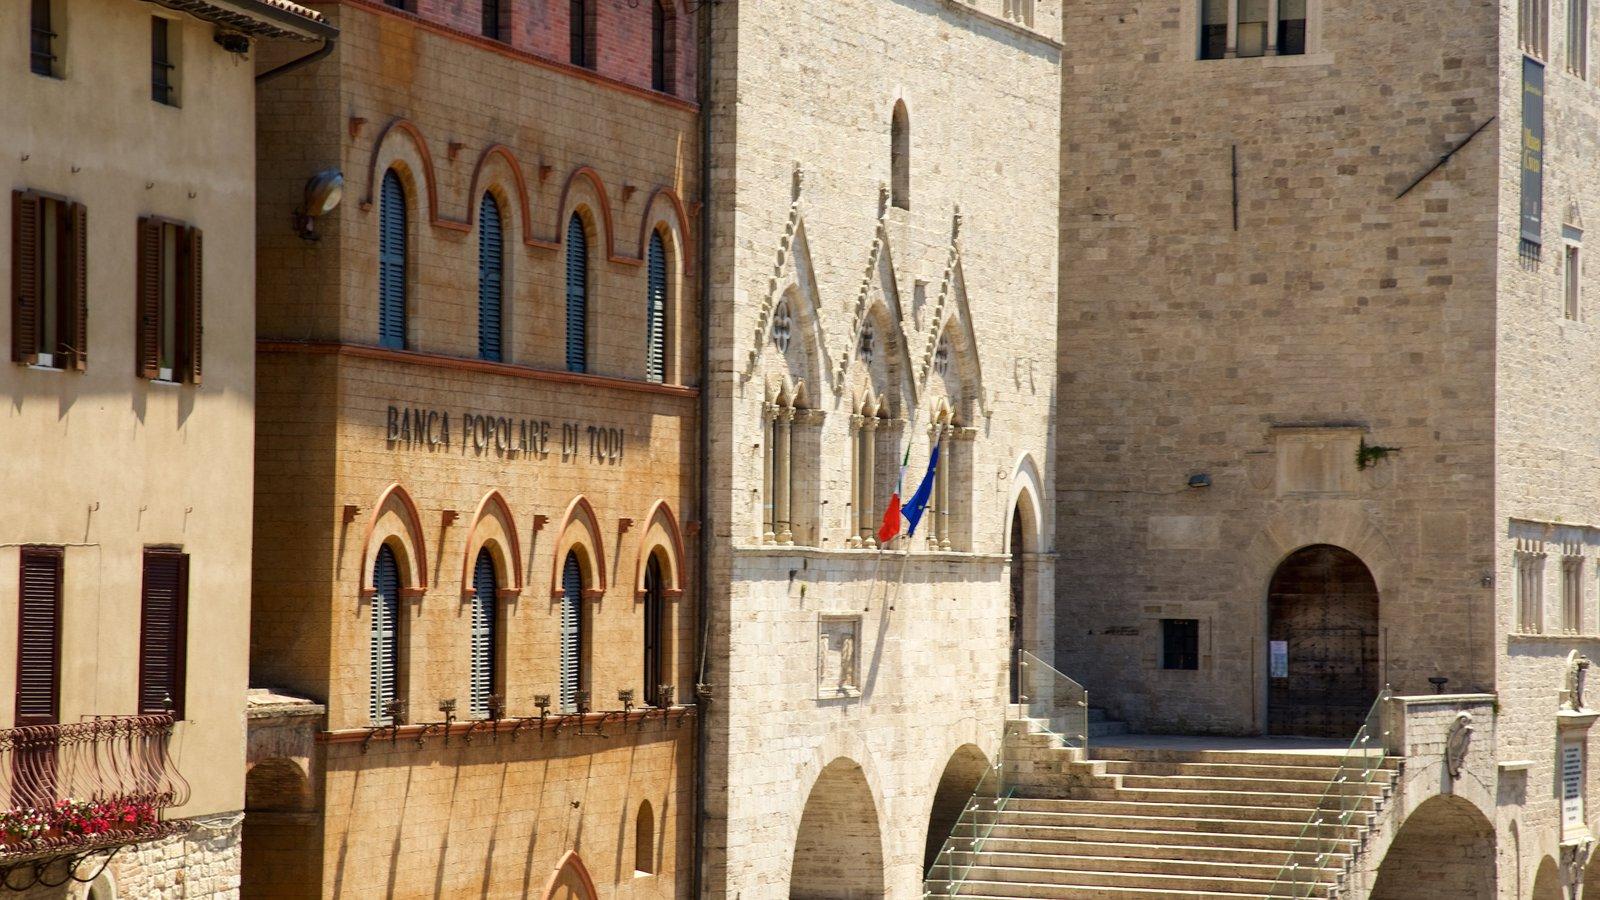 Todi mostrando una ciudad y patrimonio de arquitectura